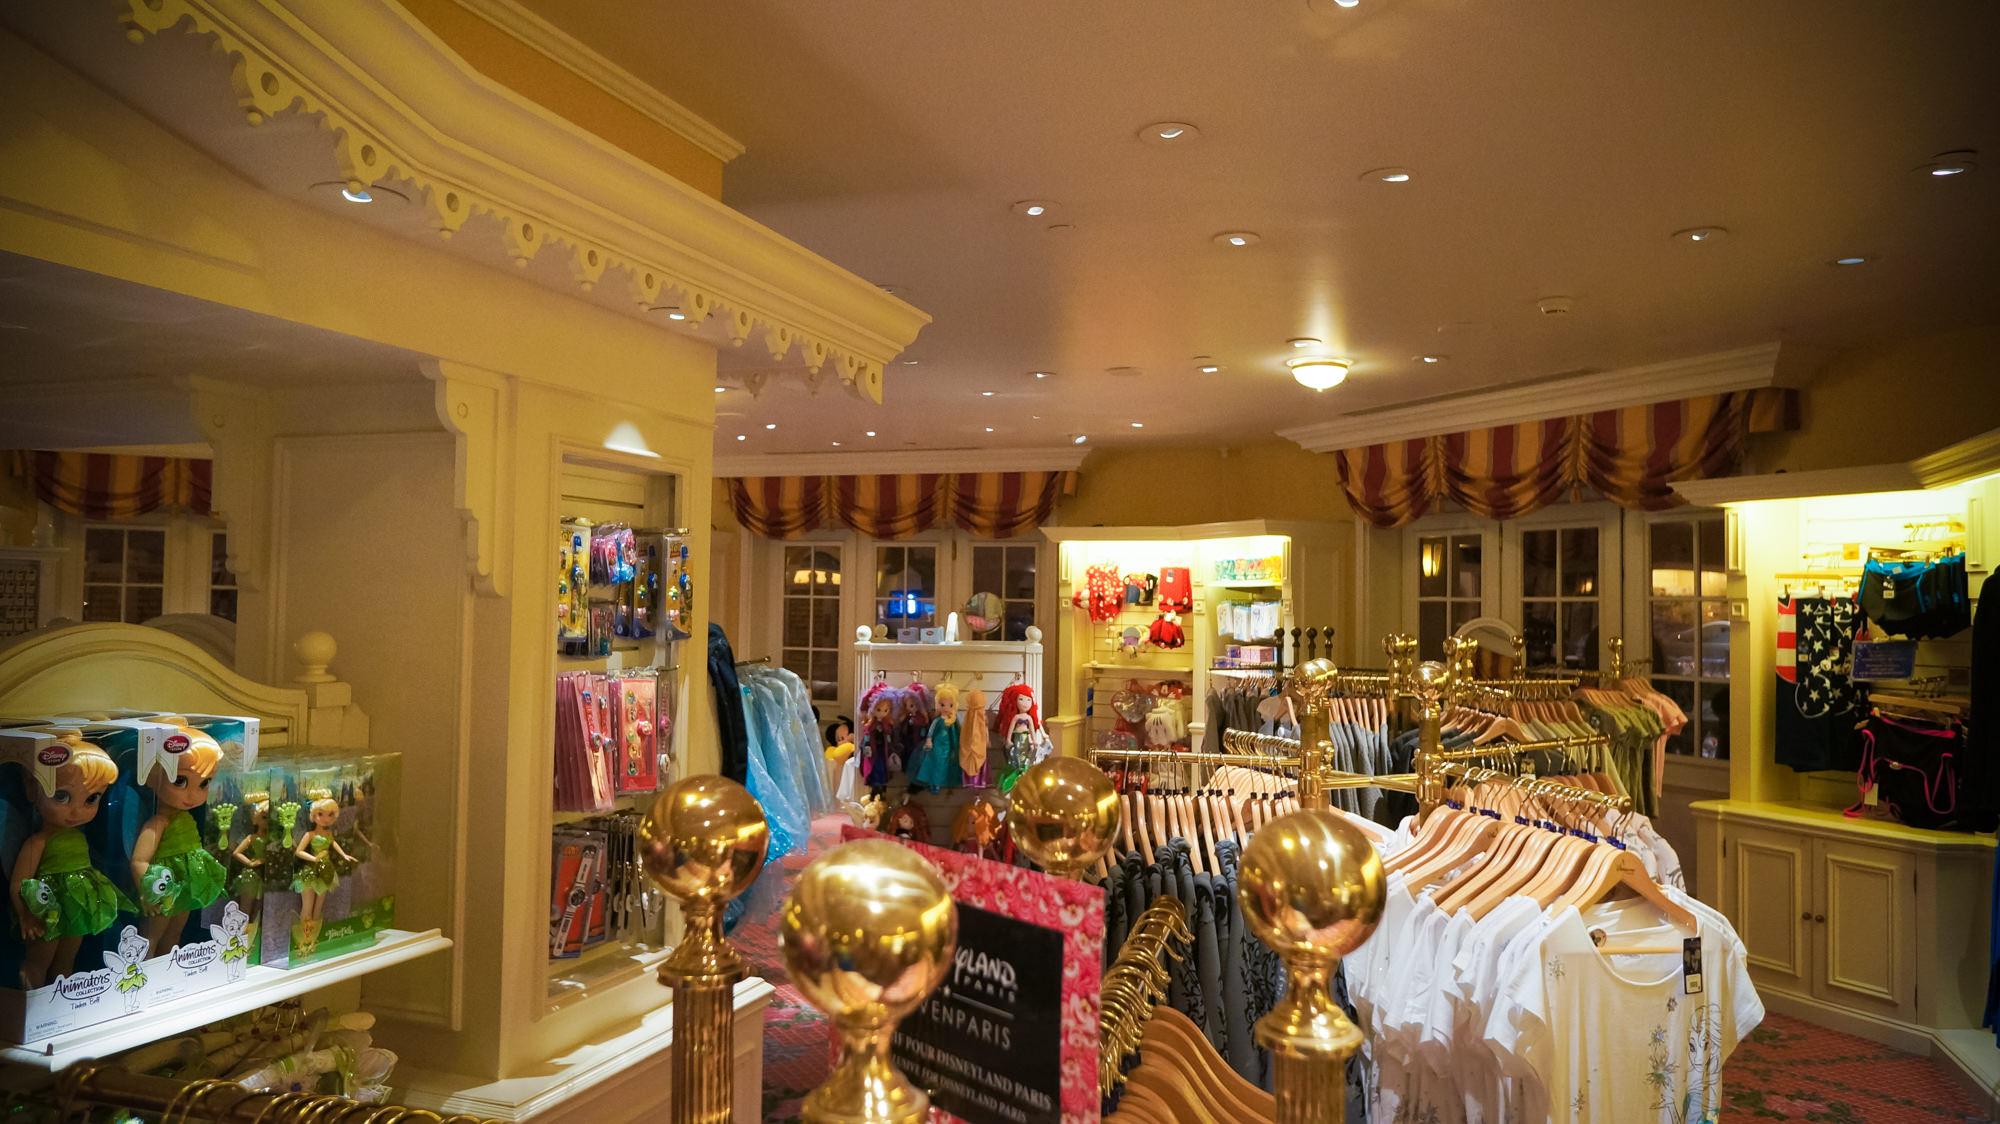 Galerie Mickey - Disneyland Hotel Boutique